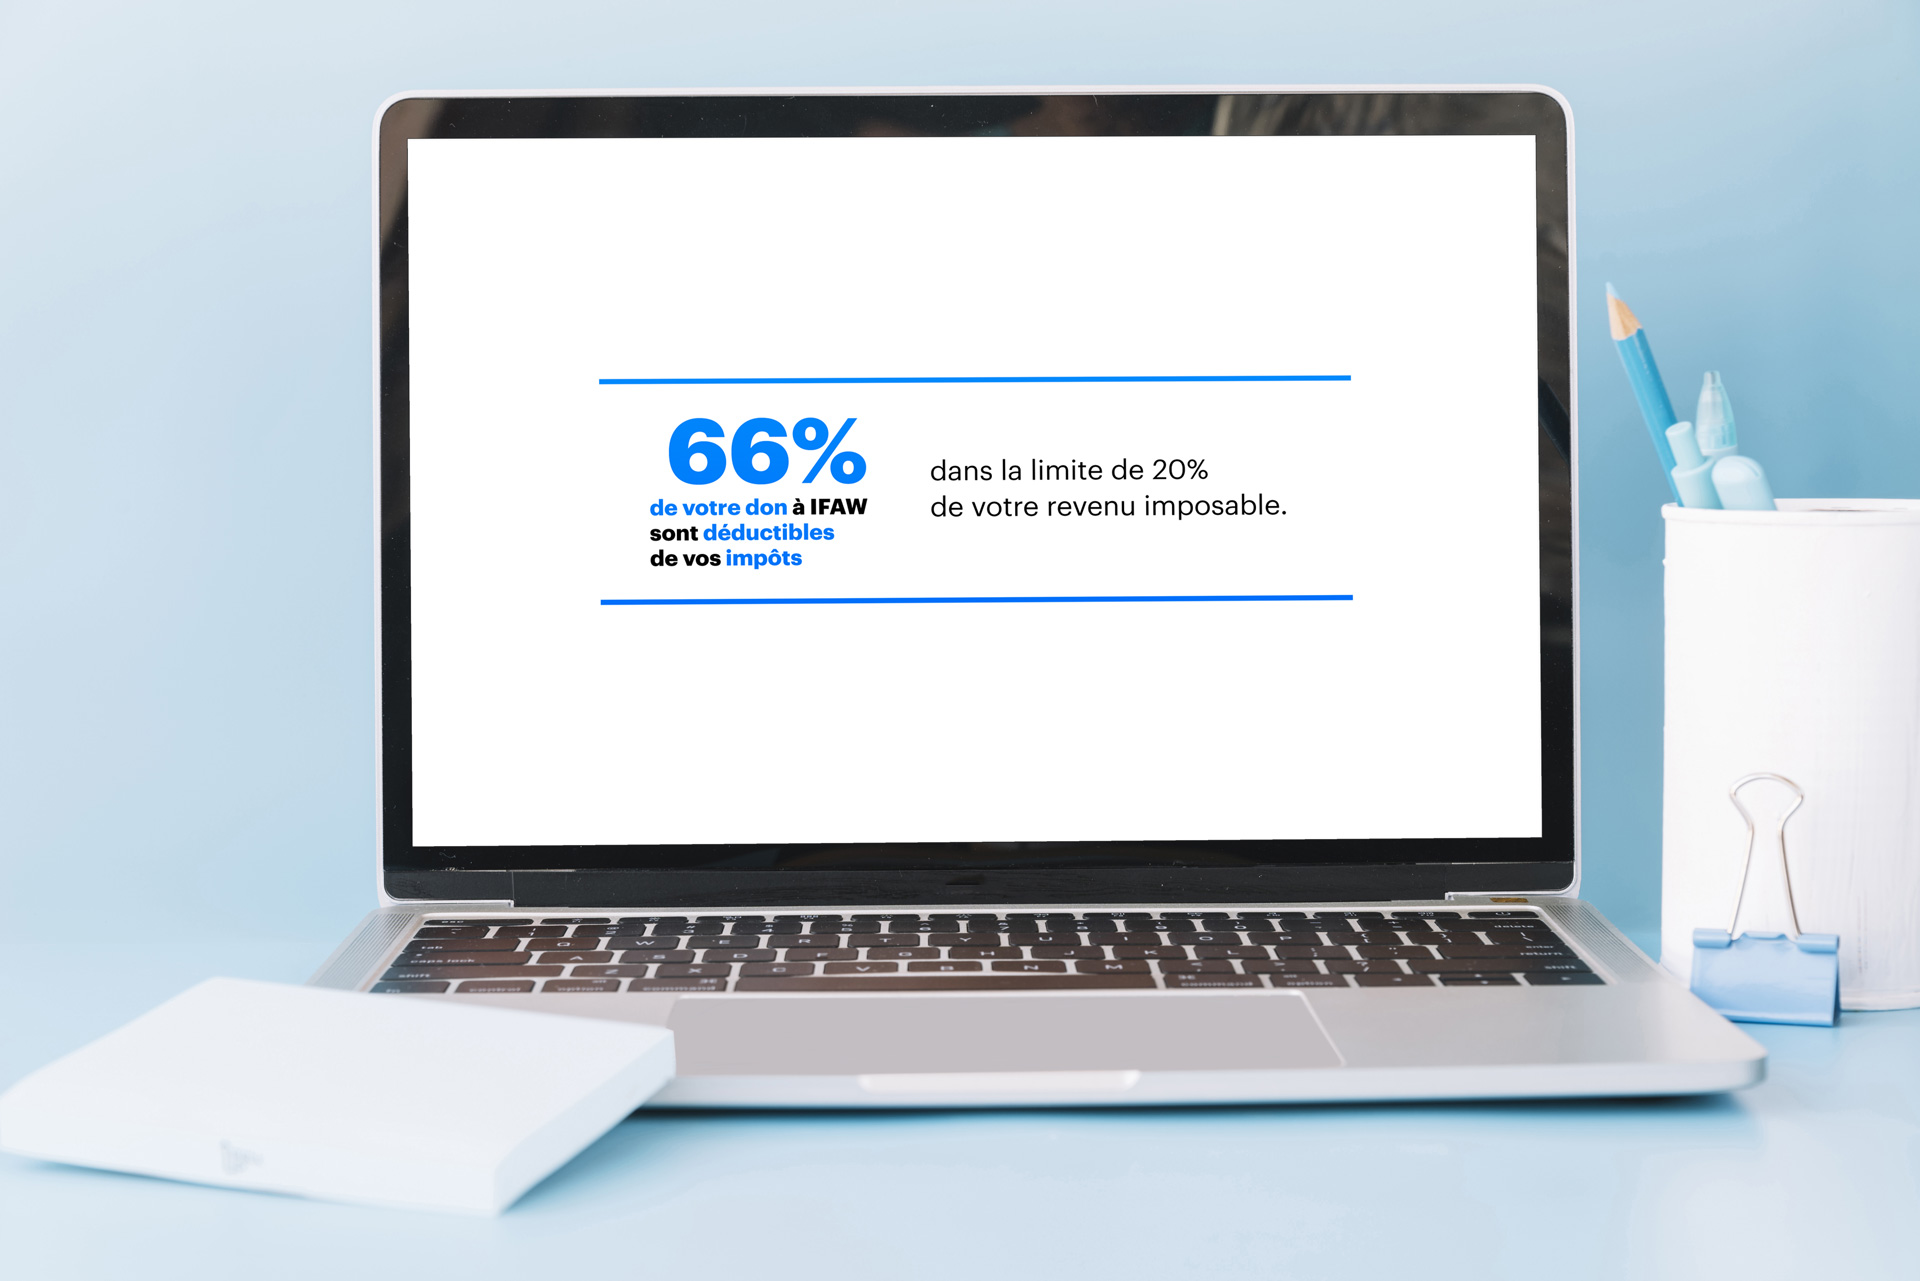 Bandeau web déductions fiscales pour IFAW